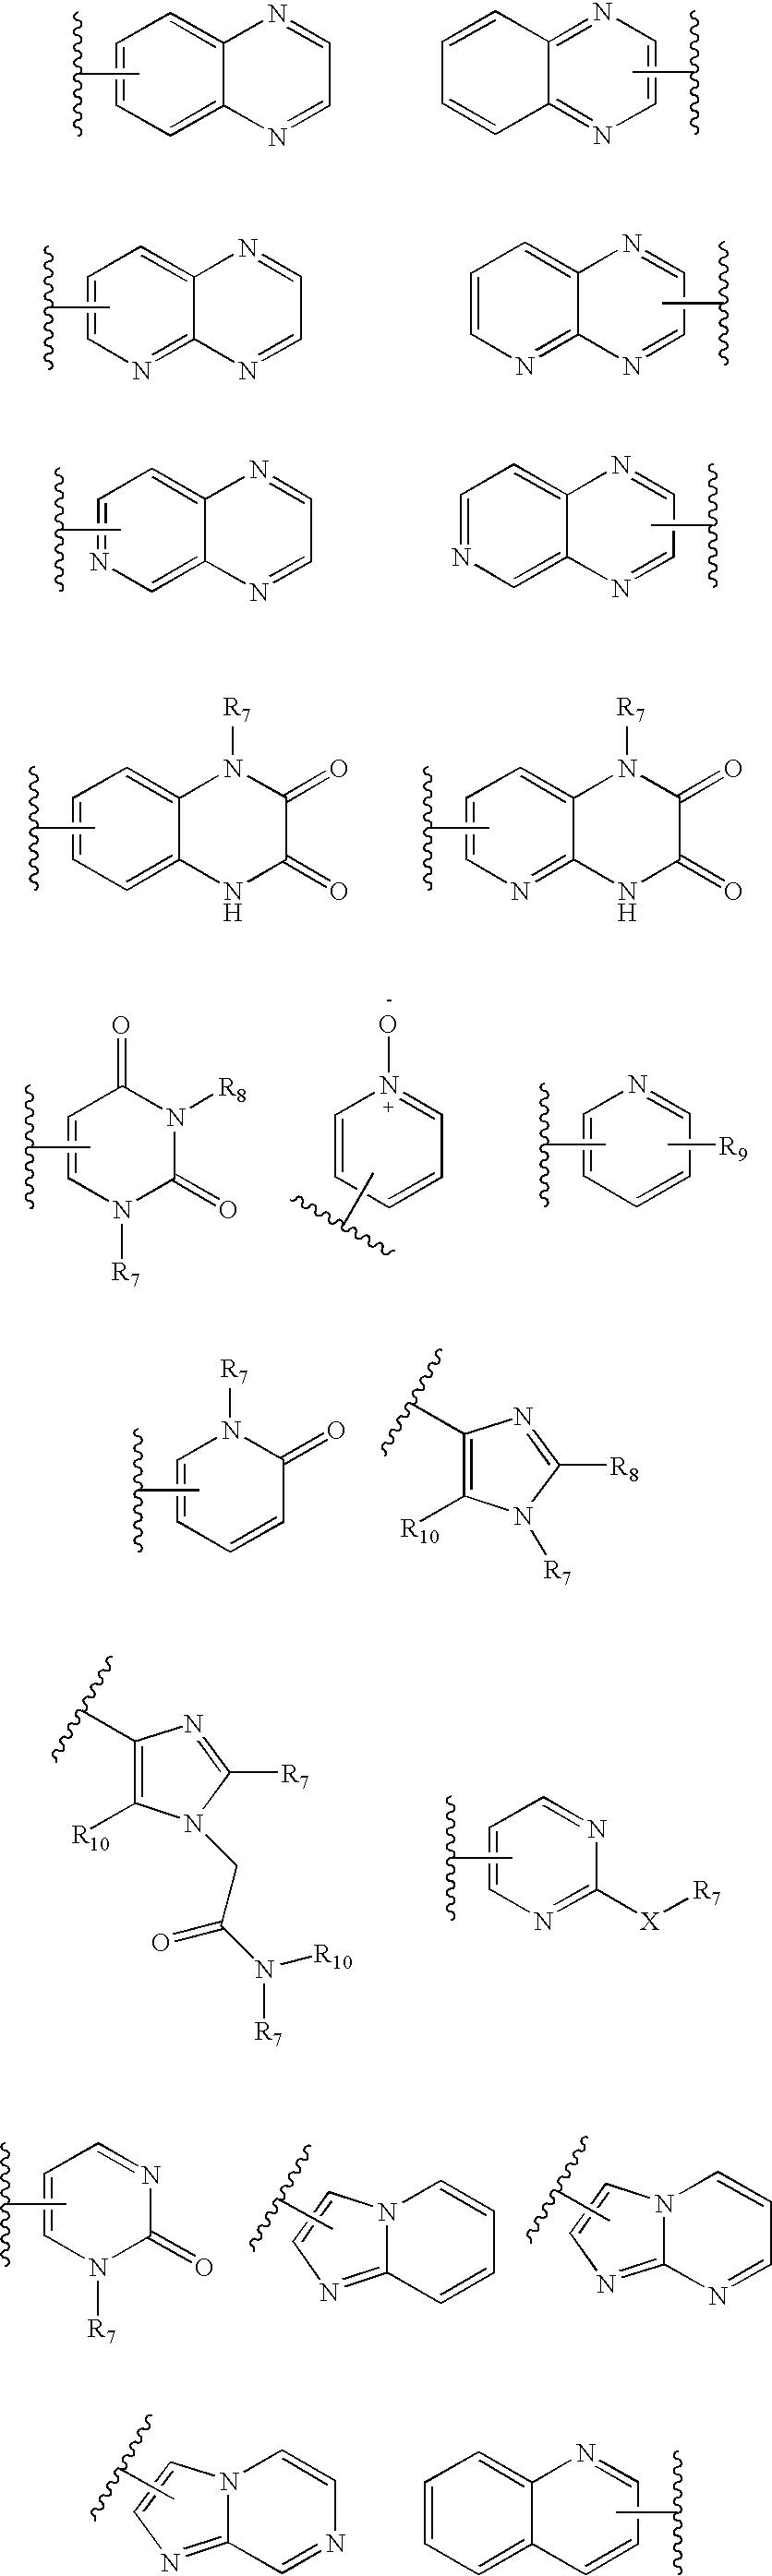 Figure US20060189617A1-20060824-C00061